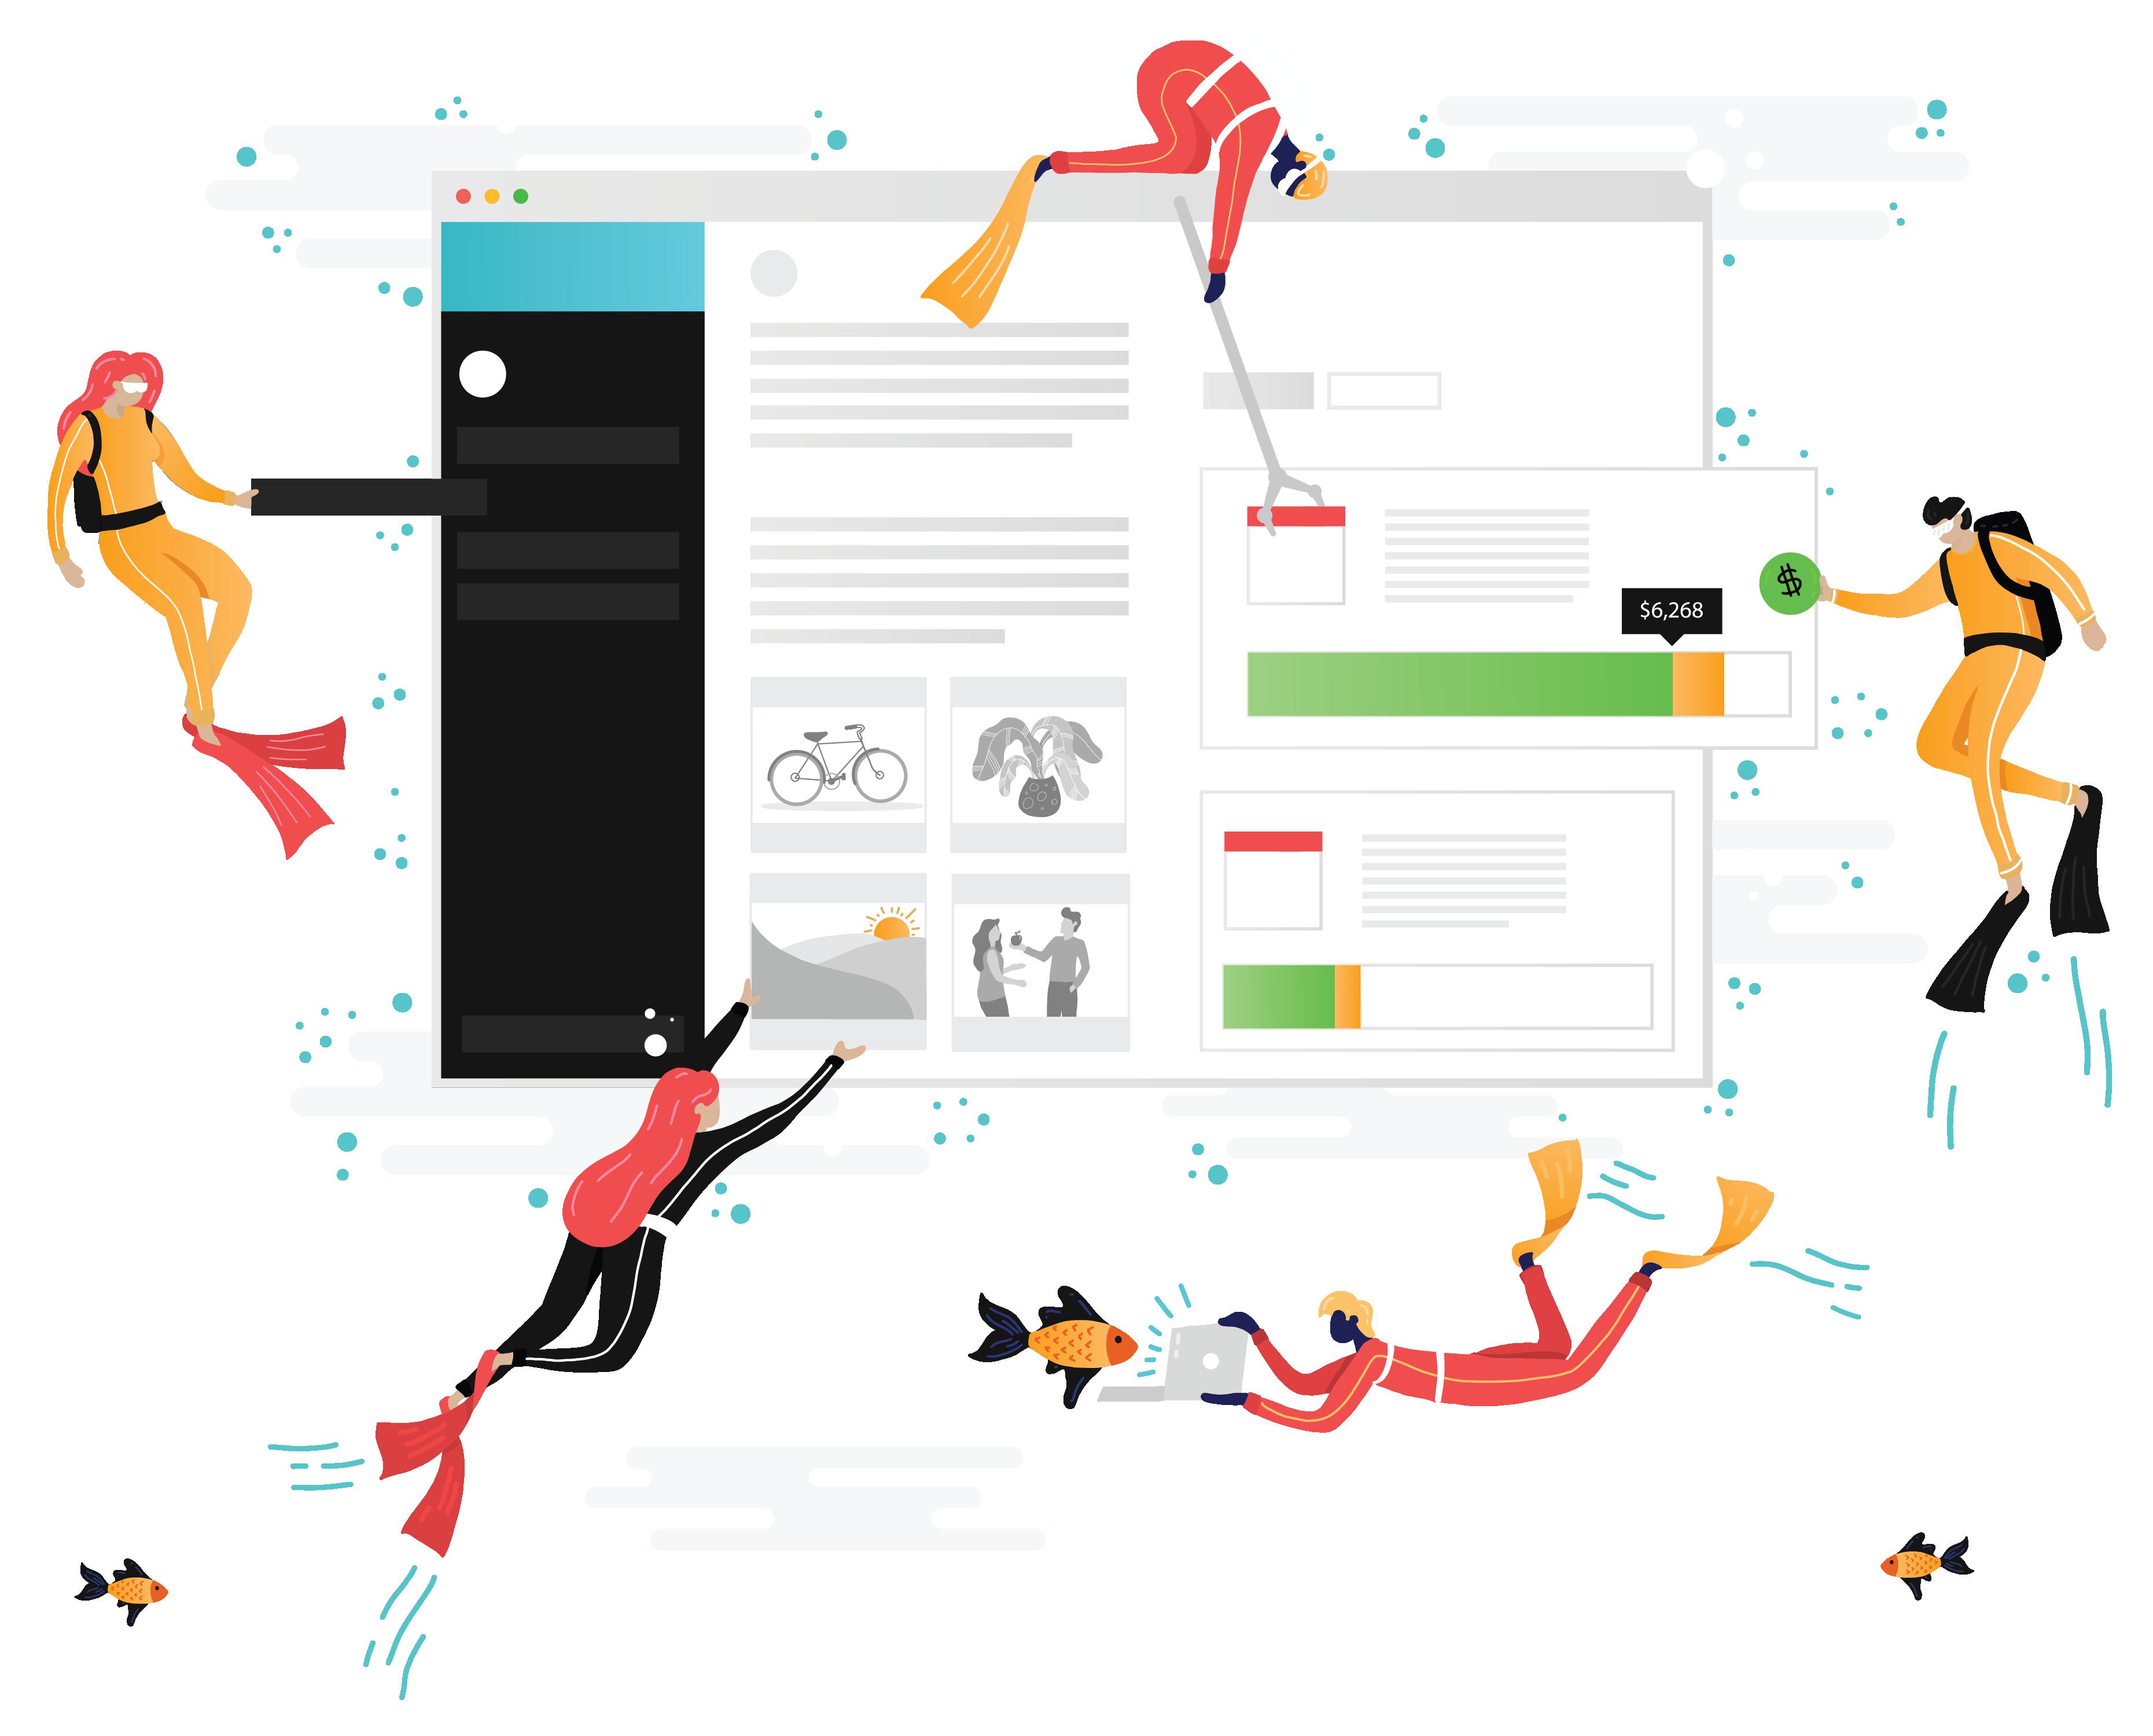 Porpoise app csr platform. Employee clipart community engagement